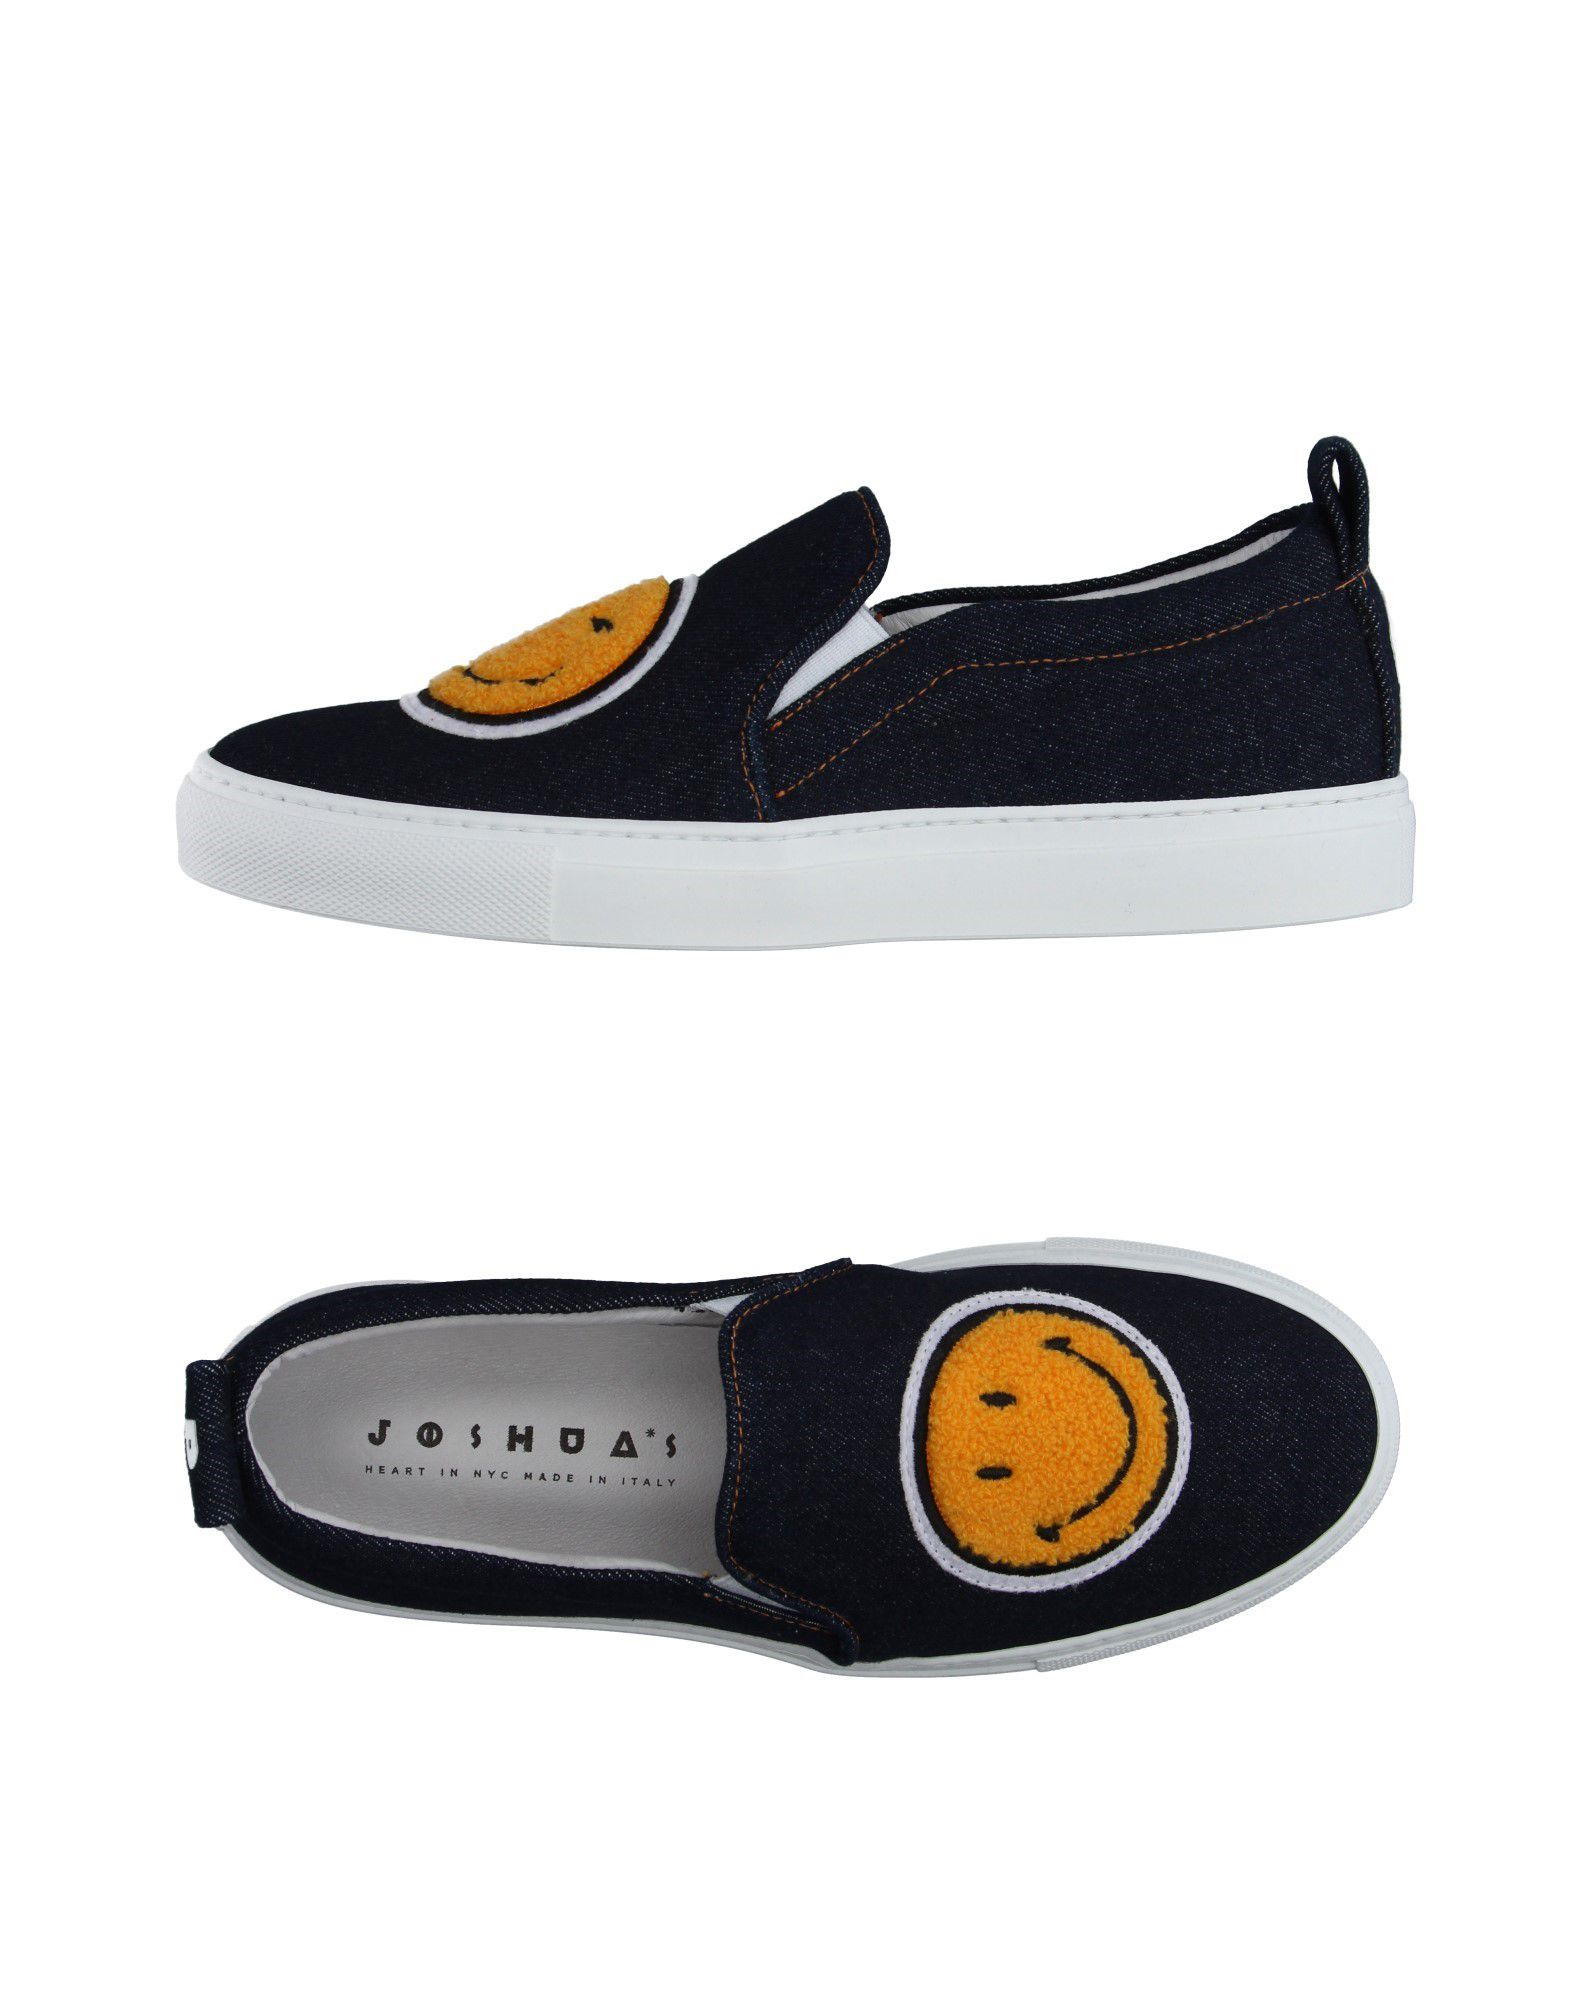 Moda Sneakers Joshua*S Donna - 11104745CQ